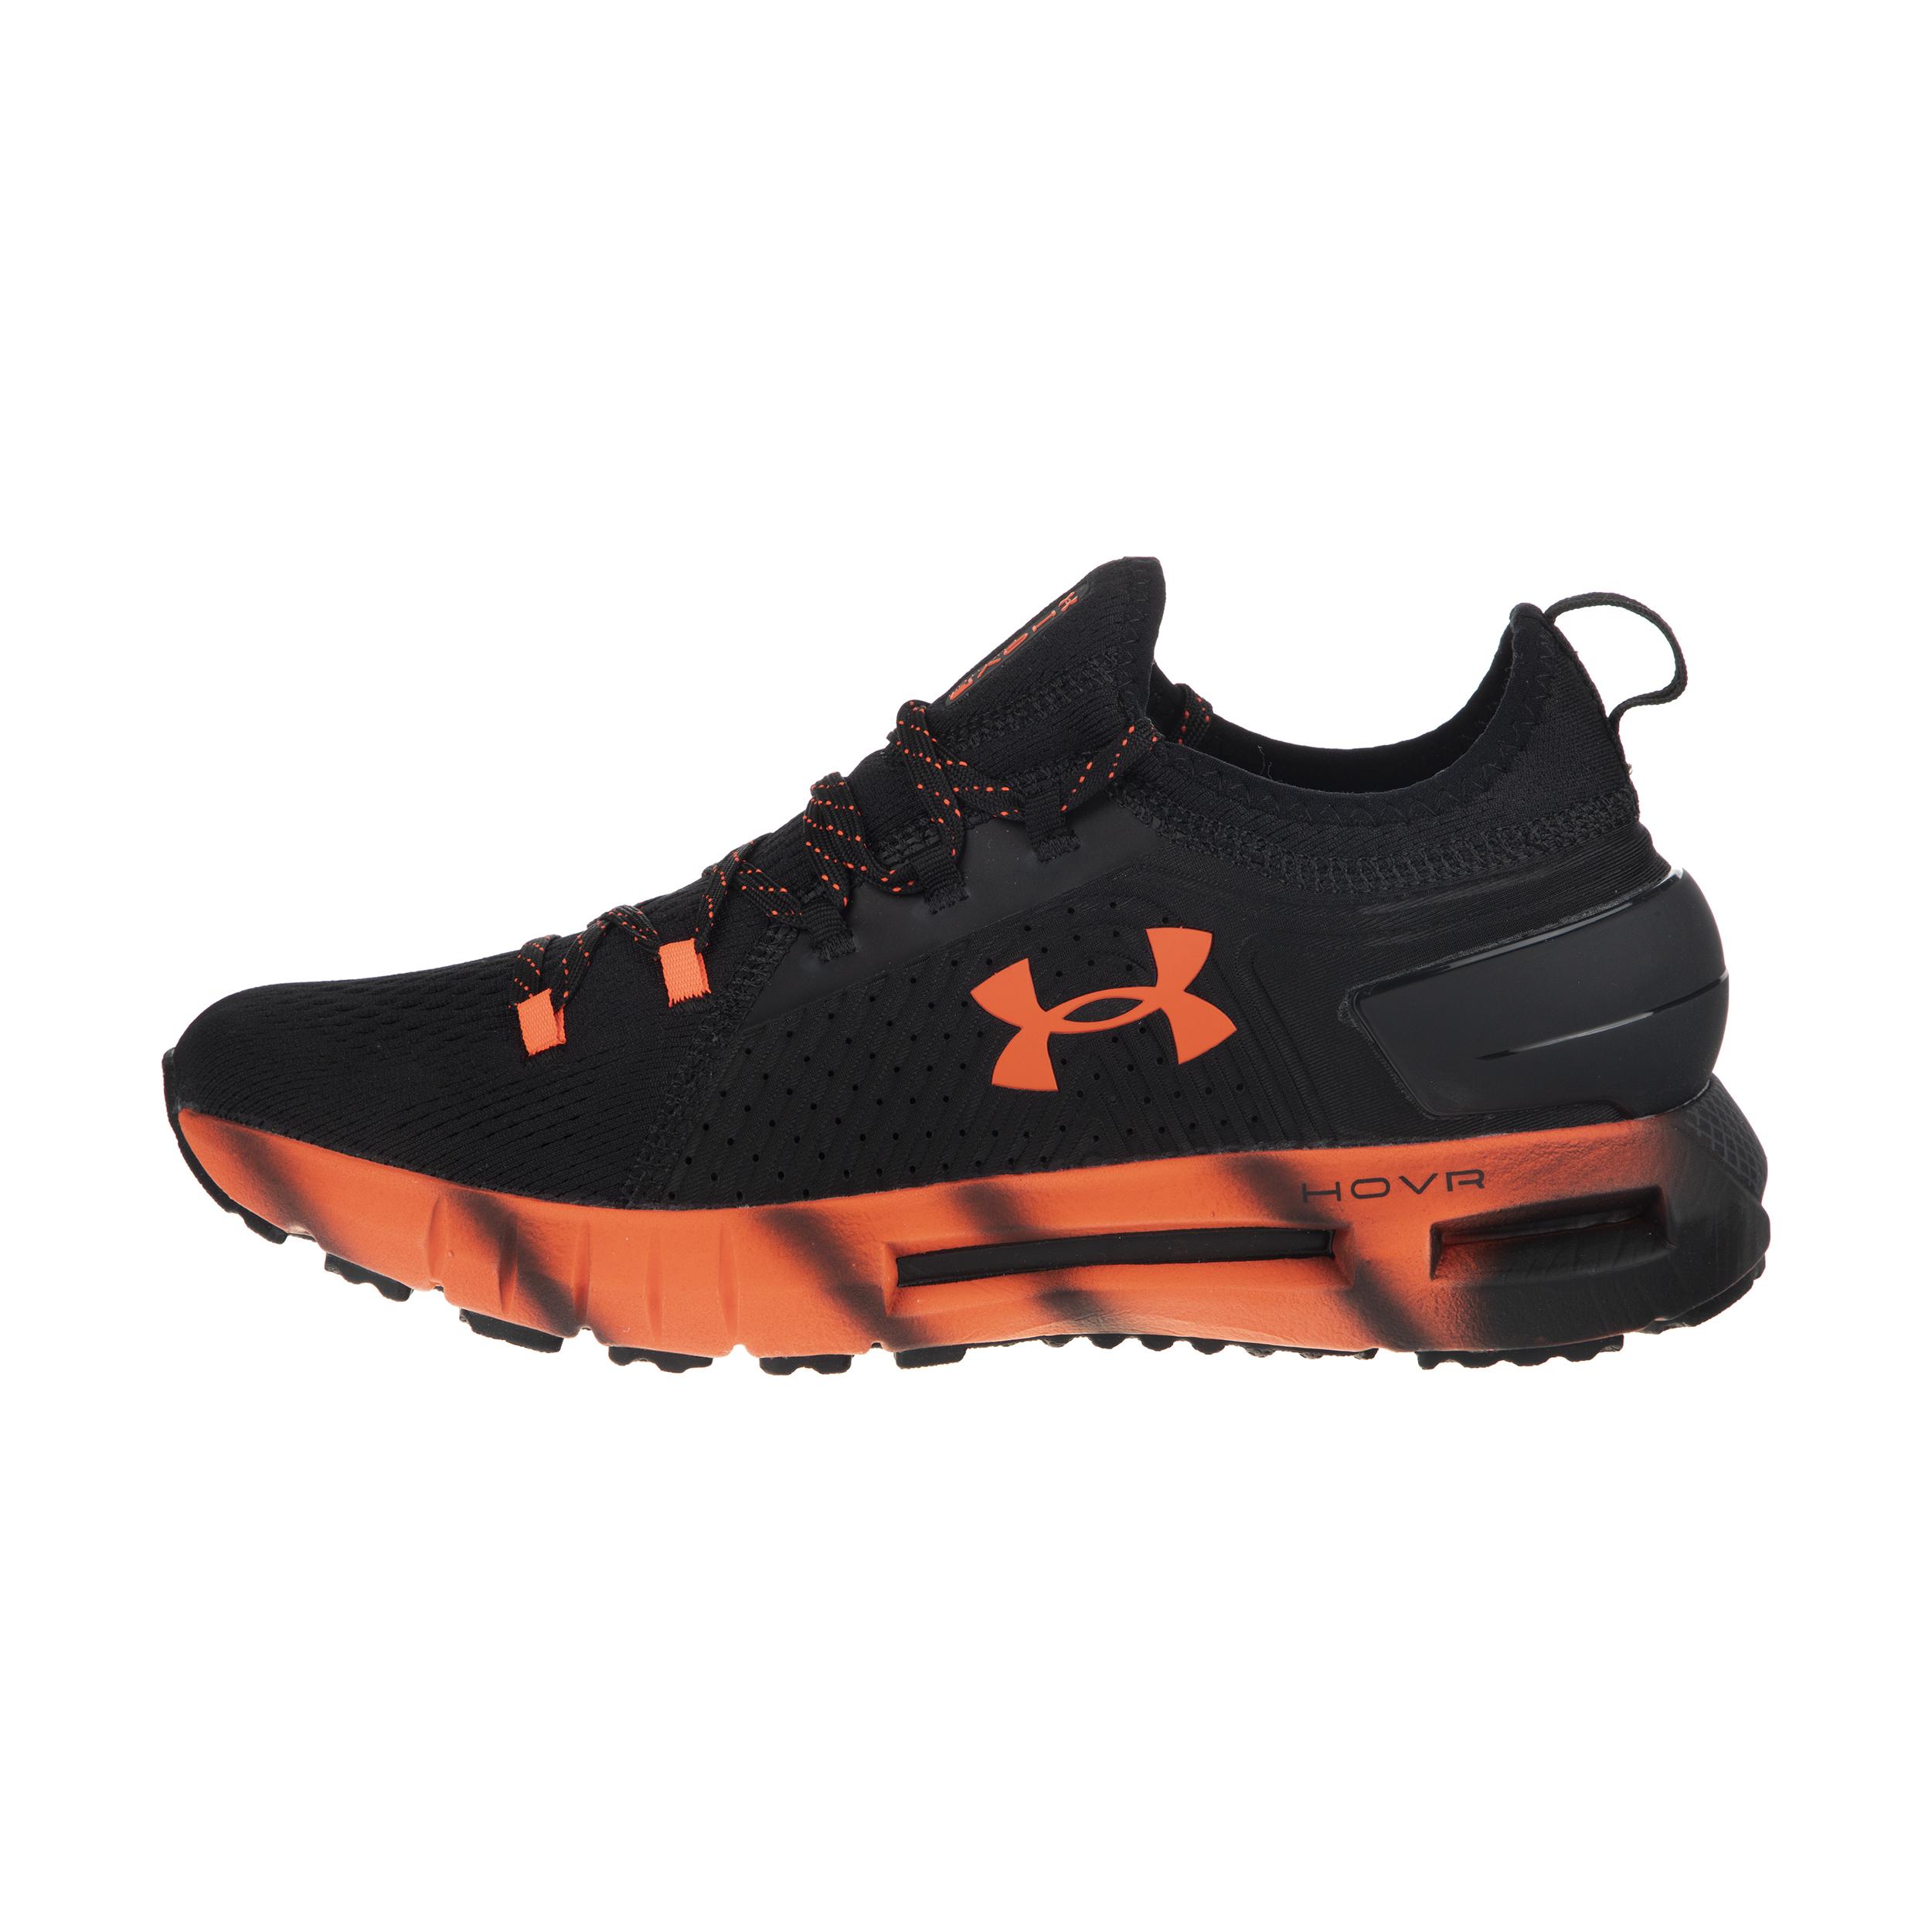 کفش پیاده روی مردانه آندر آرمور مدل HOVR-8585             , خرید اینترنتی